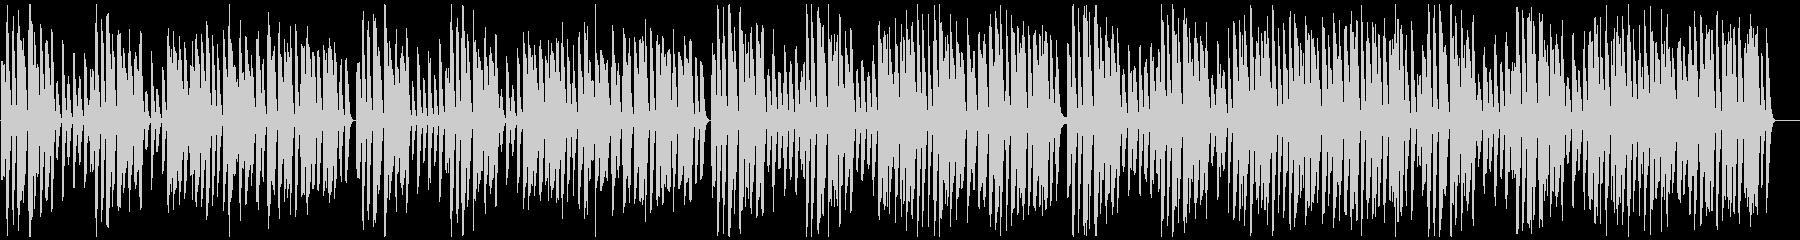 かわいい レトロ 子猫 白黒映画 ピアノの未再生の波形